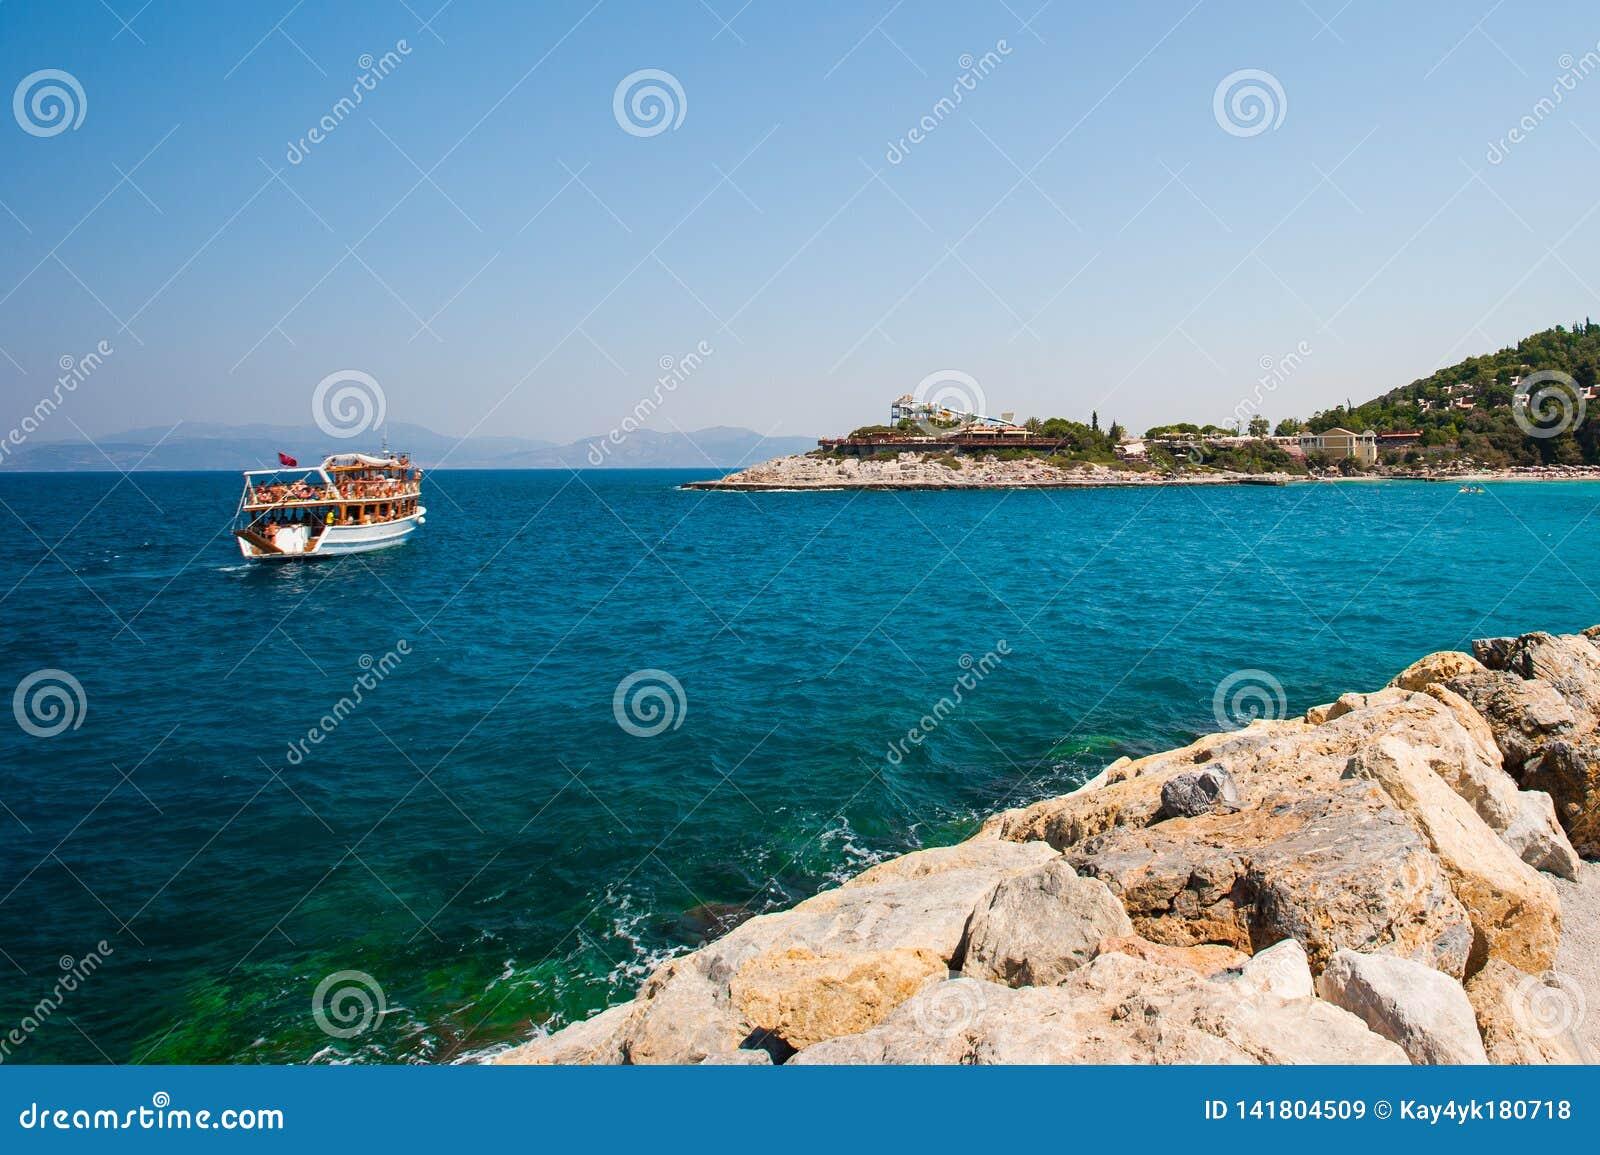 Toeristen op een boot, jacht, schip dichtbij de kust worden gevaren die